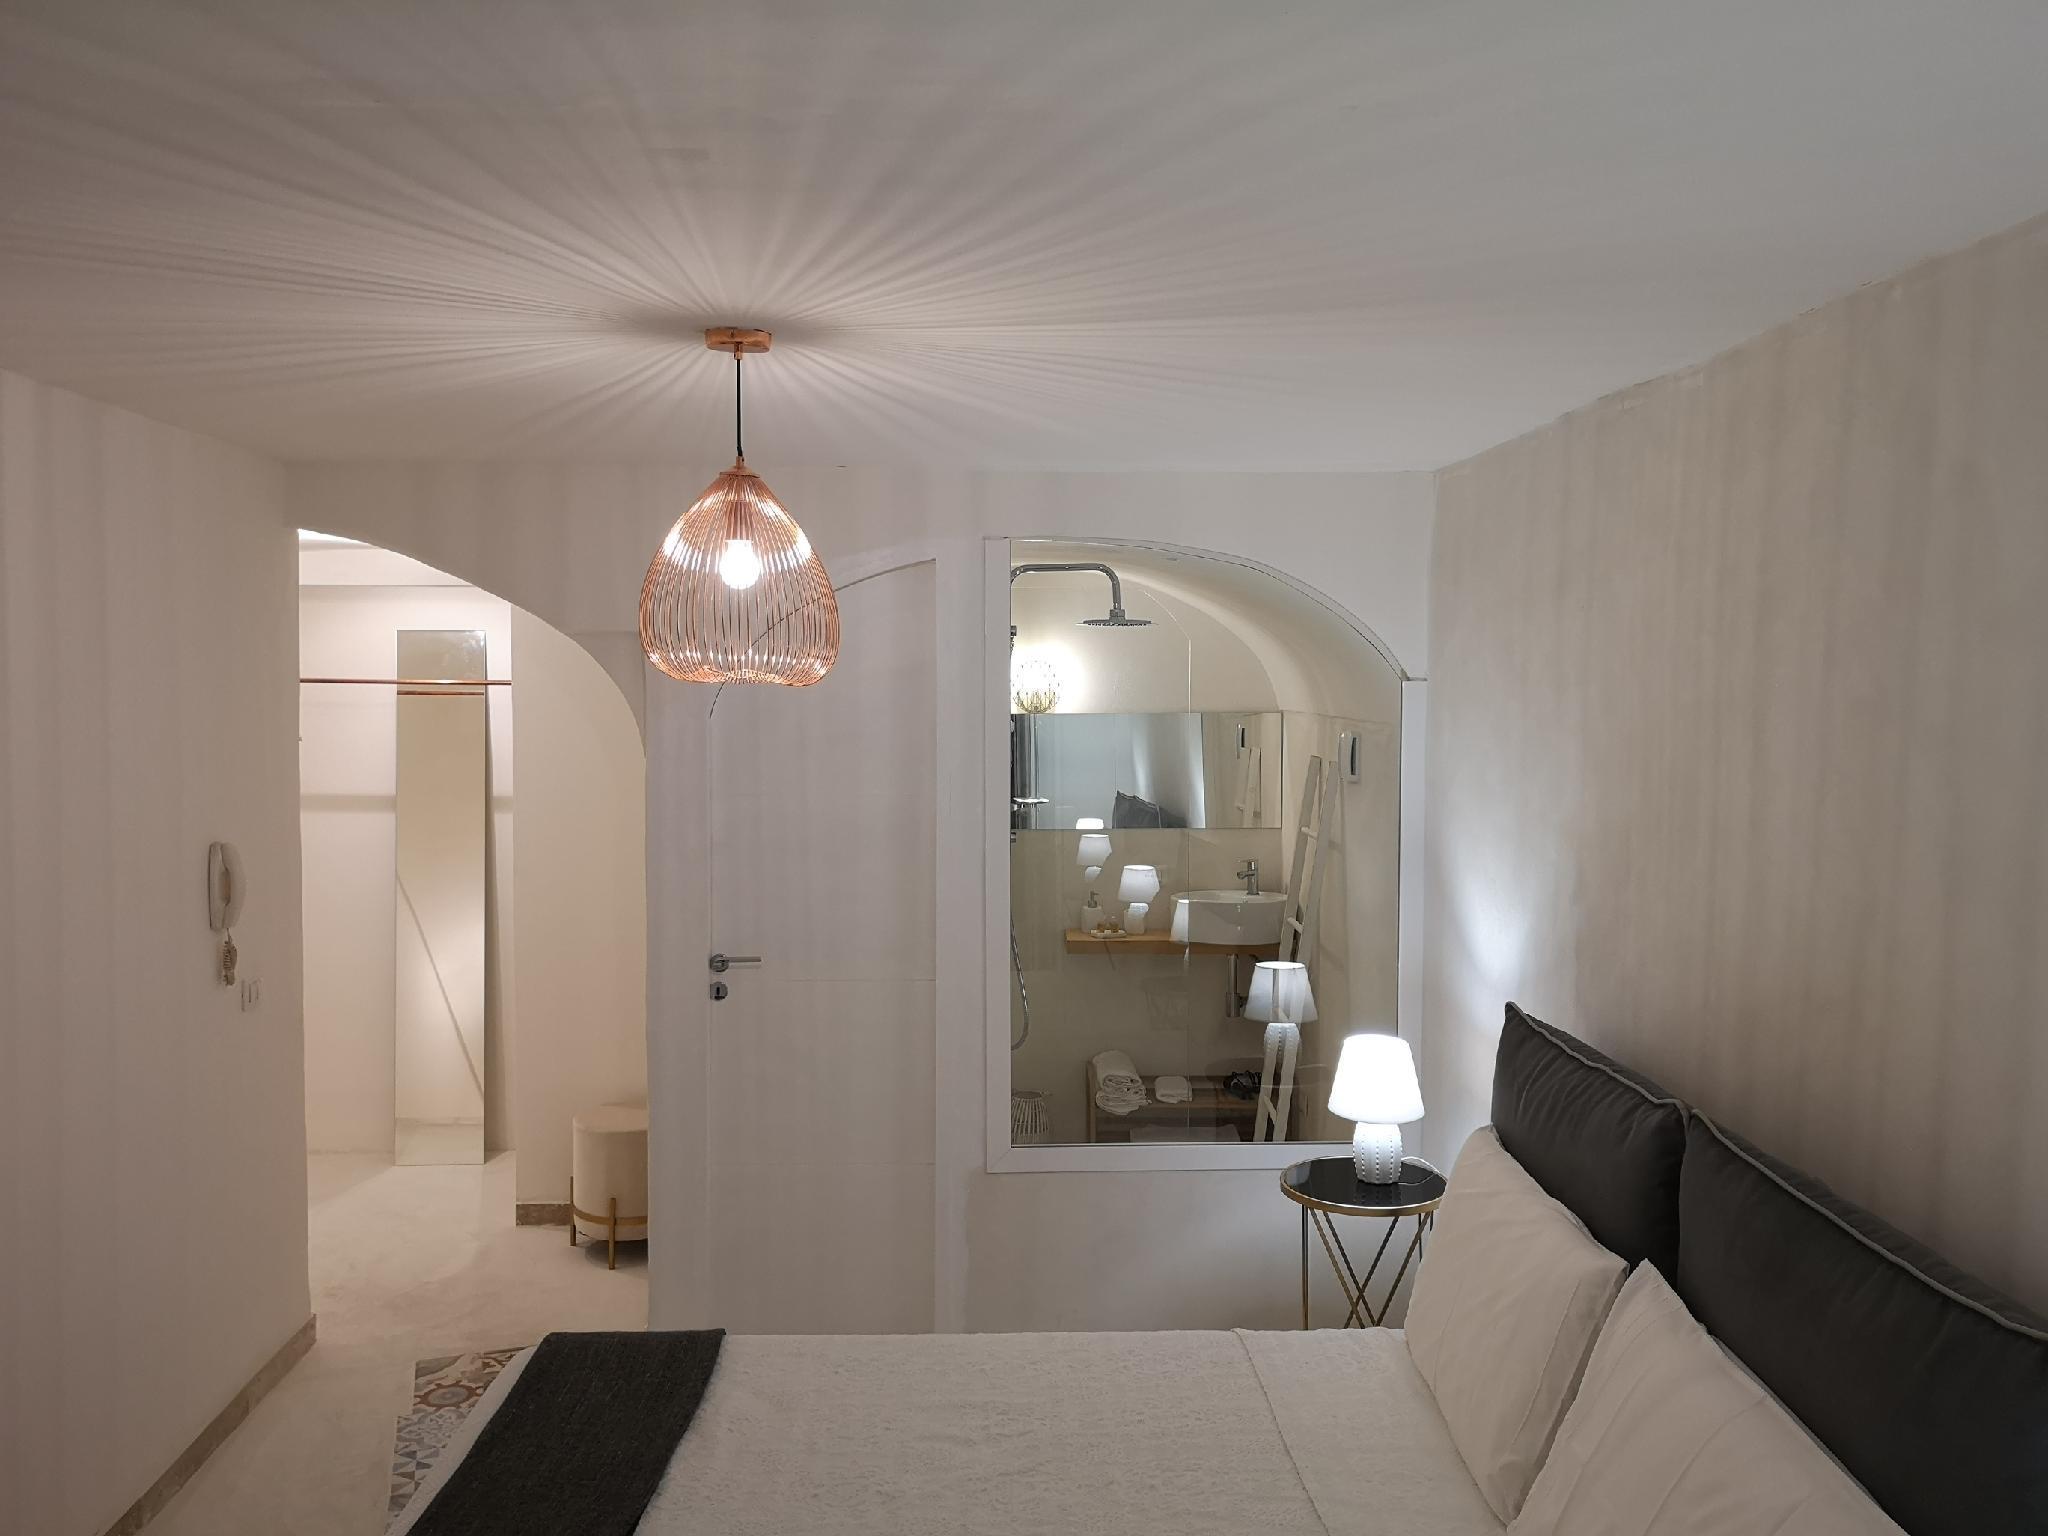 La Rotonda Luxury Holiday Home. Roma 8